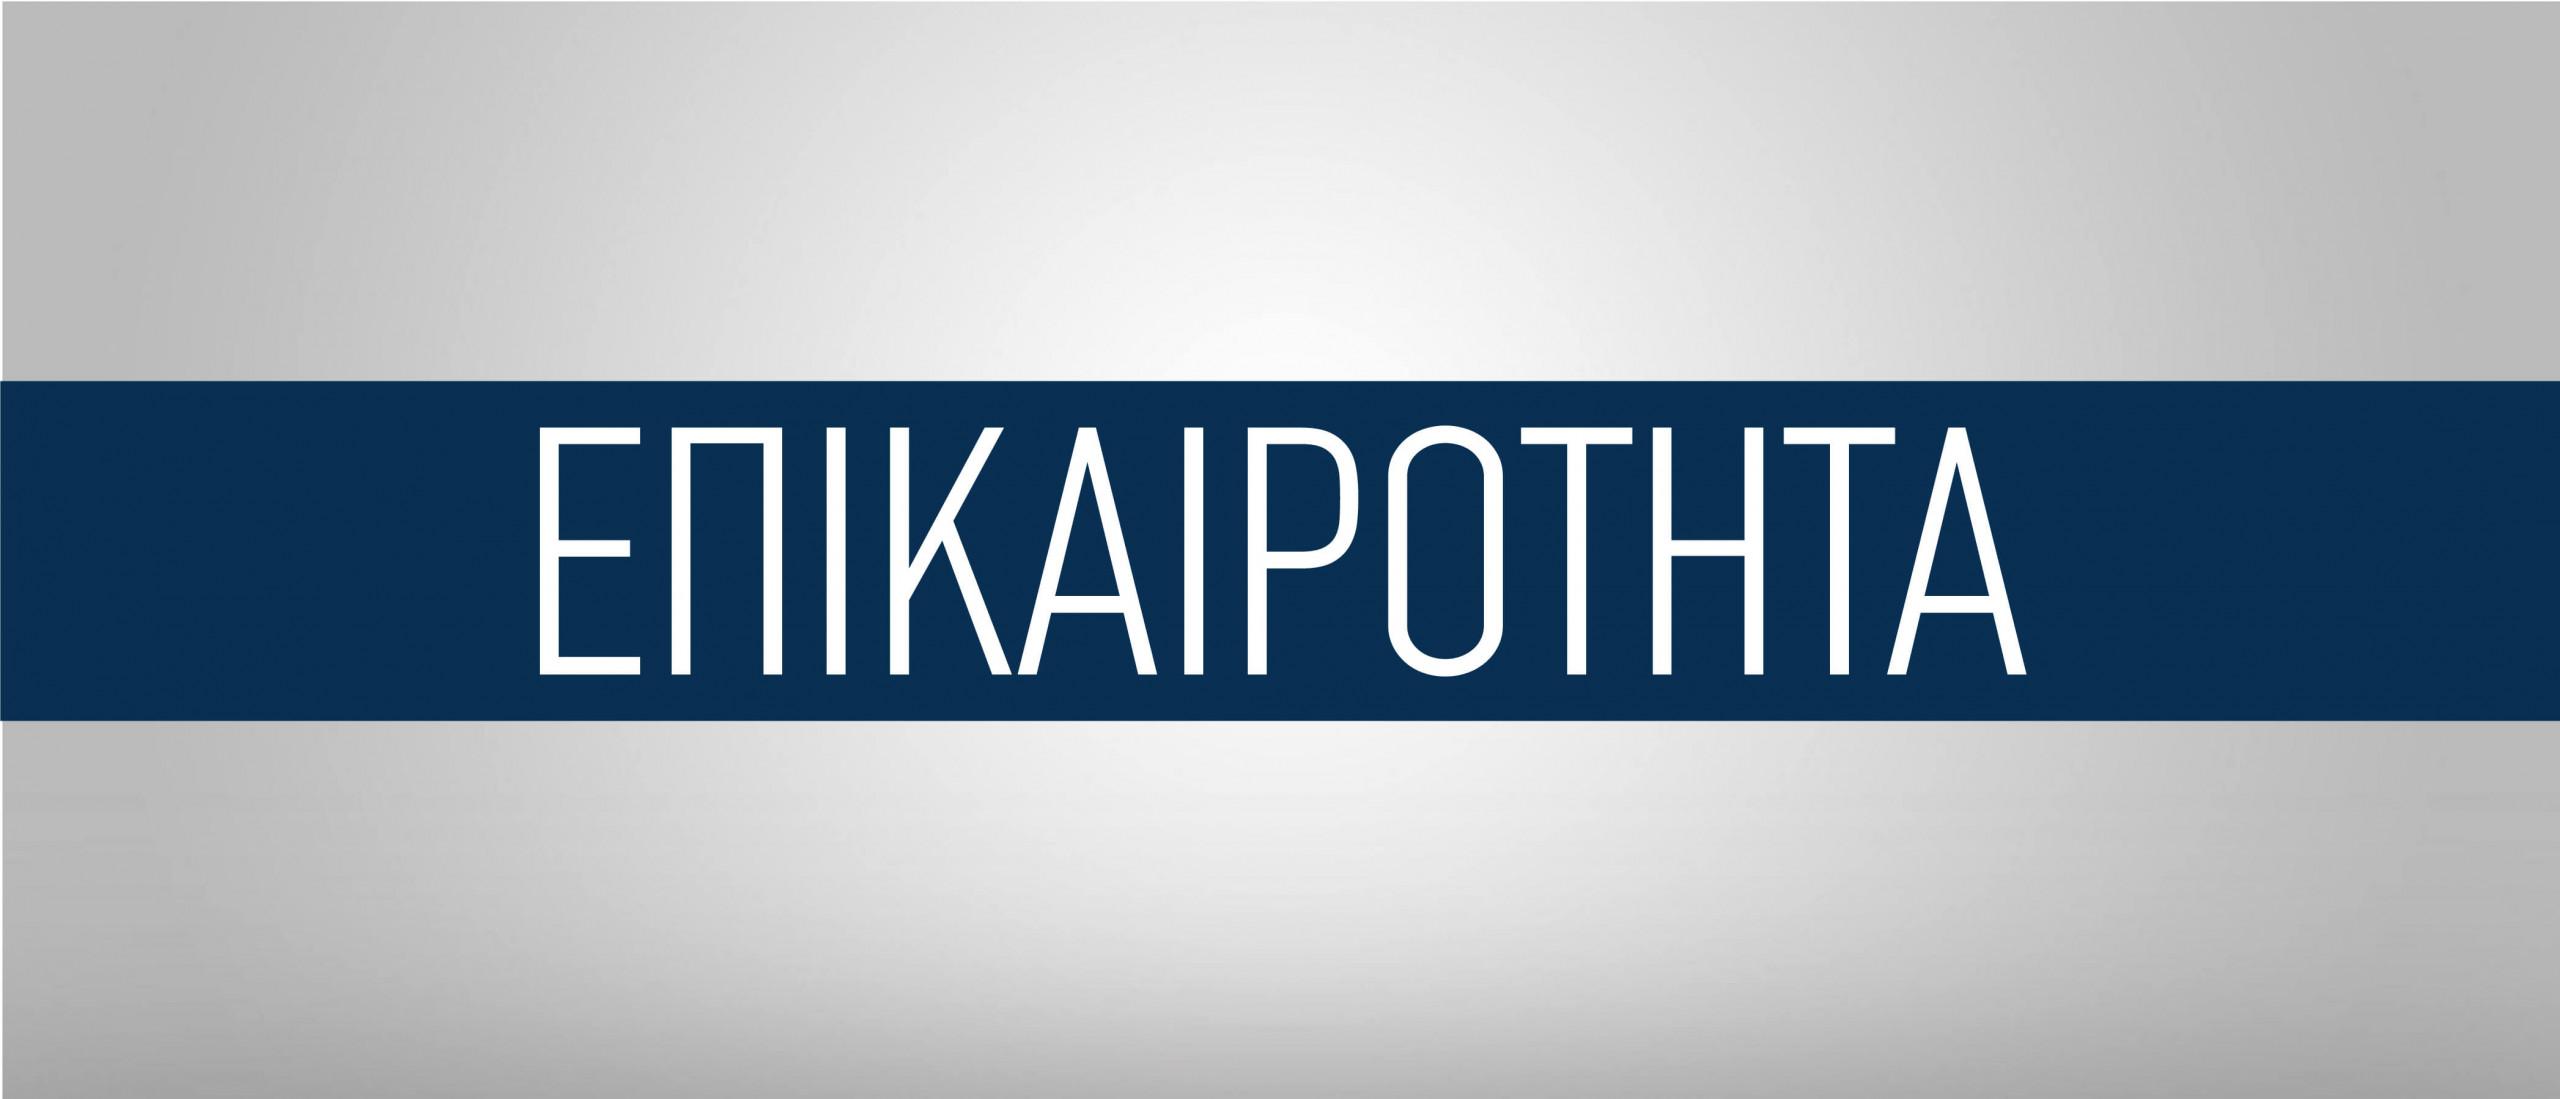 Προσωρινή αναστολή λειτουργίας επιμέρους οργανικών μονάδων του Δήμου Κορινθίων